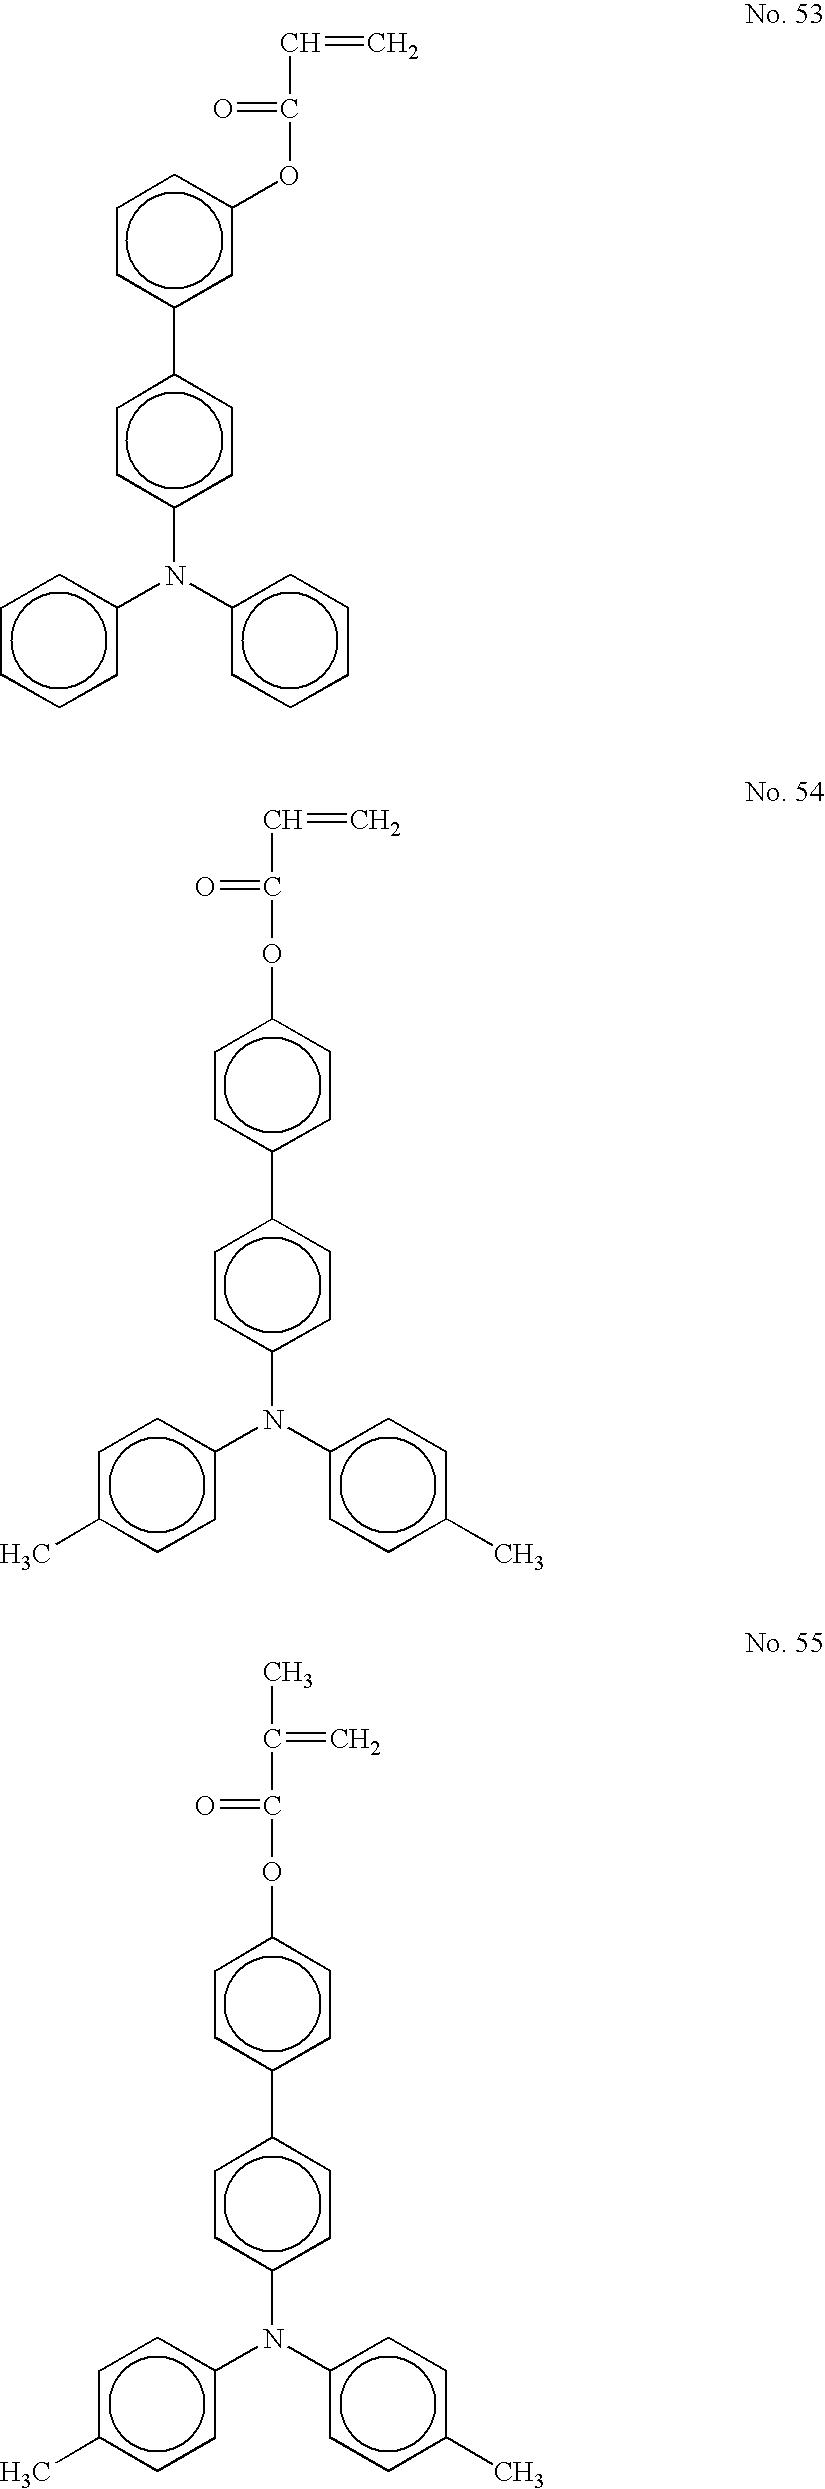 Figure US20100209842A1-20100819-C00020